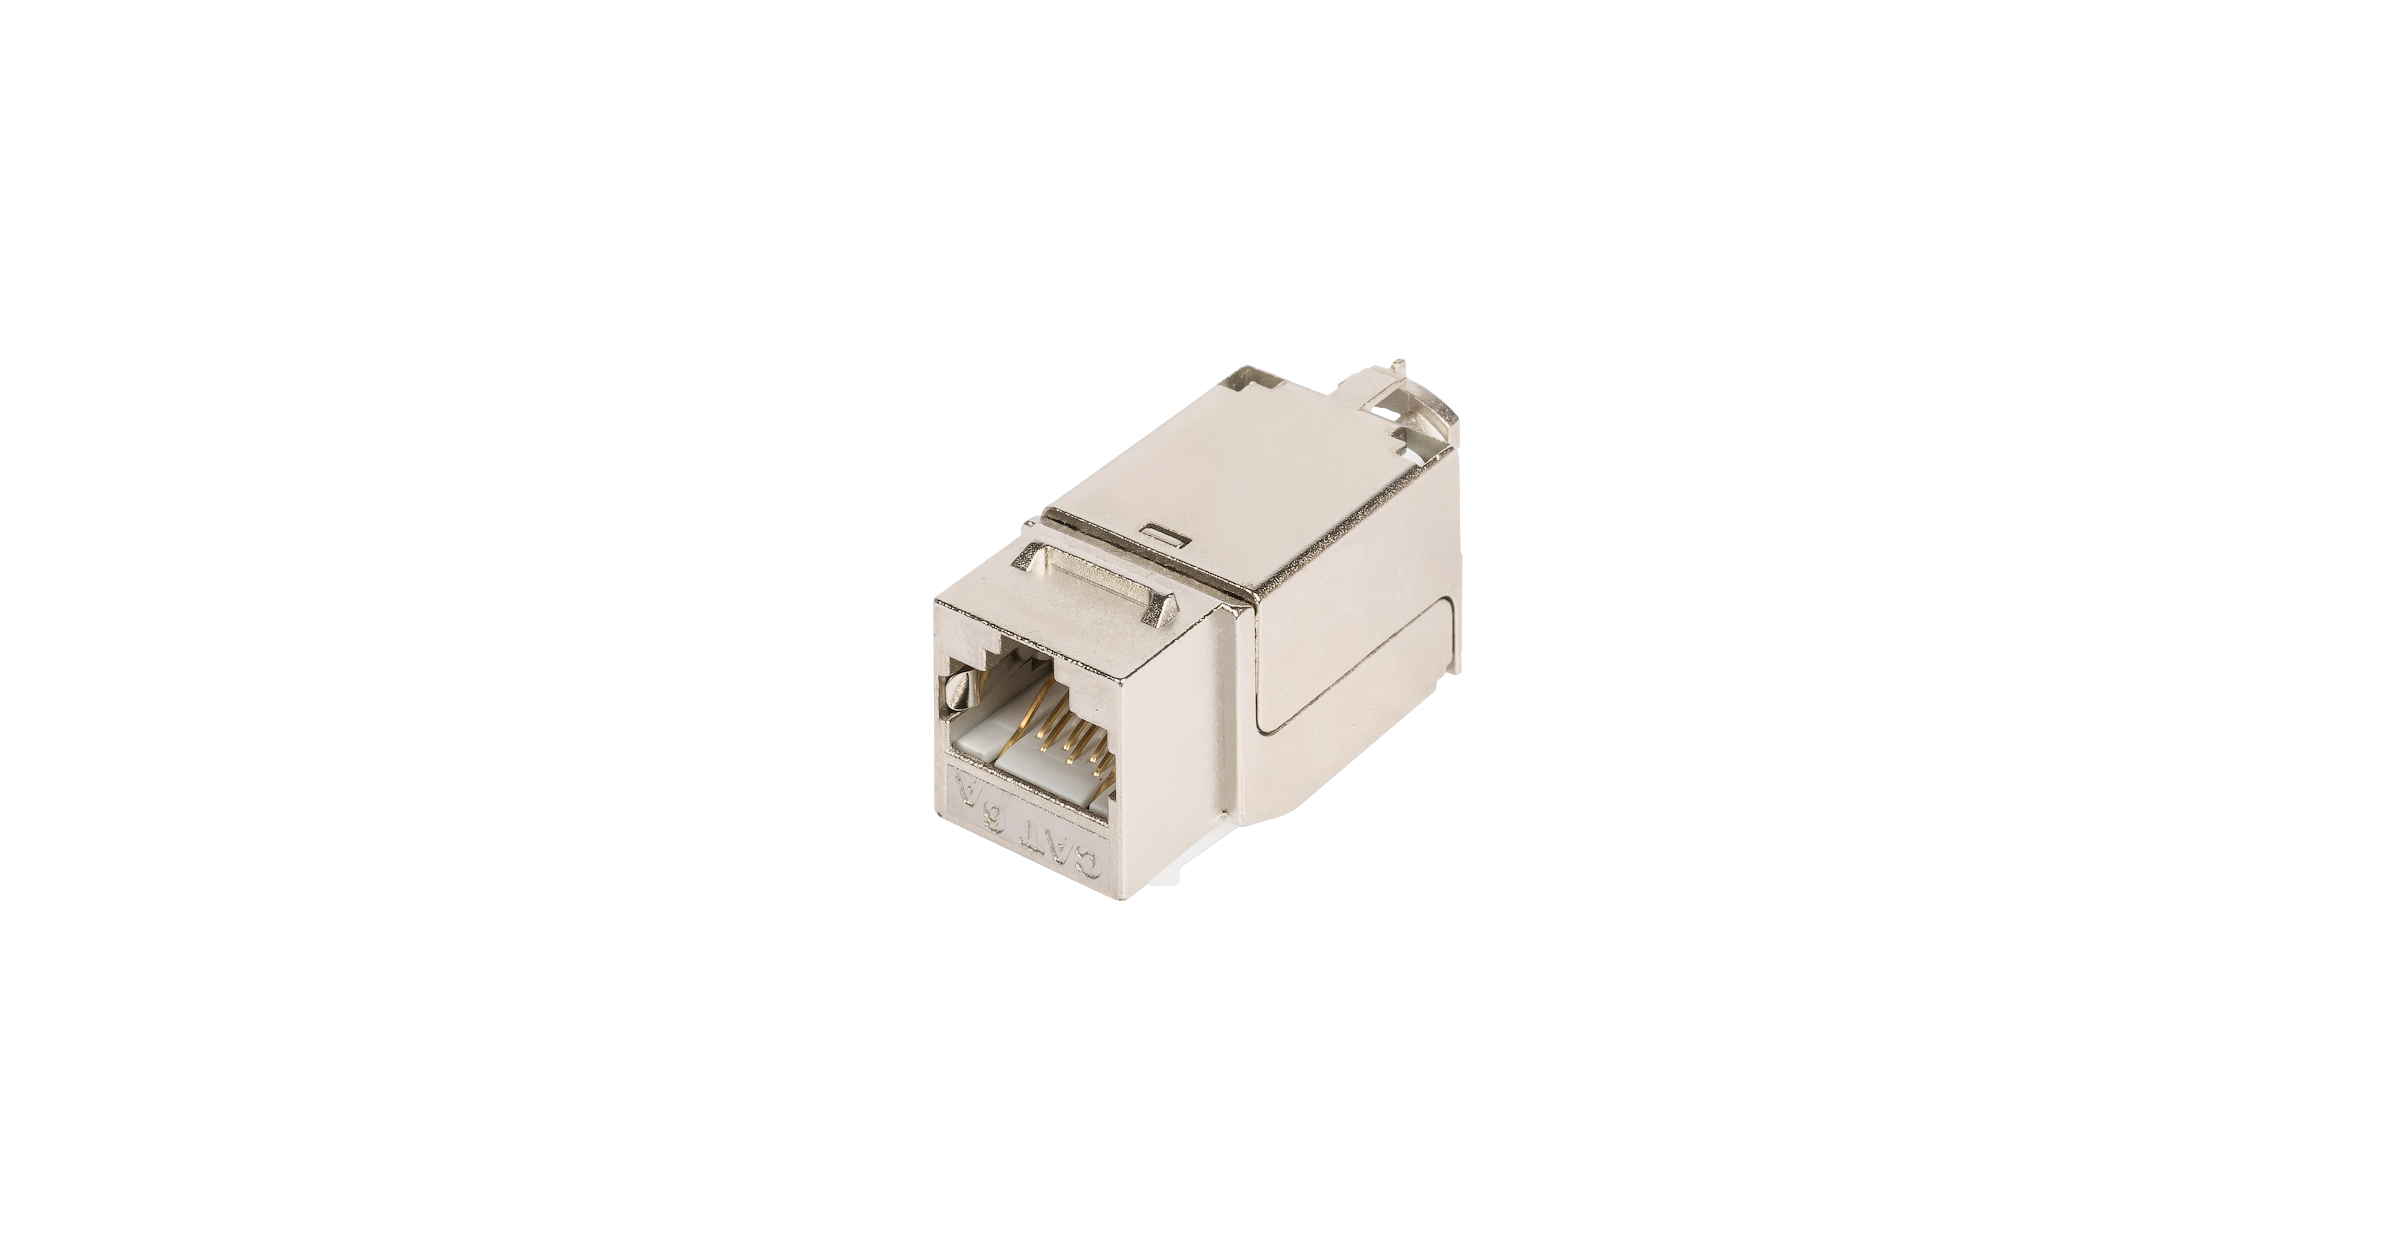 Модуль-вставка NIKOMAX типа Keystone, Кат.6a (Класс Ea), 500МГц, RJ45/8P8C, FT-TOOL/110/KRONE, T568A/B, полный экран, металлик - гарантия: 5 лет расширенная / 25 лет системная